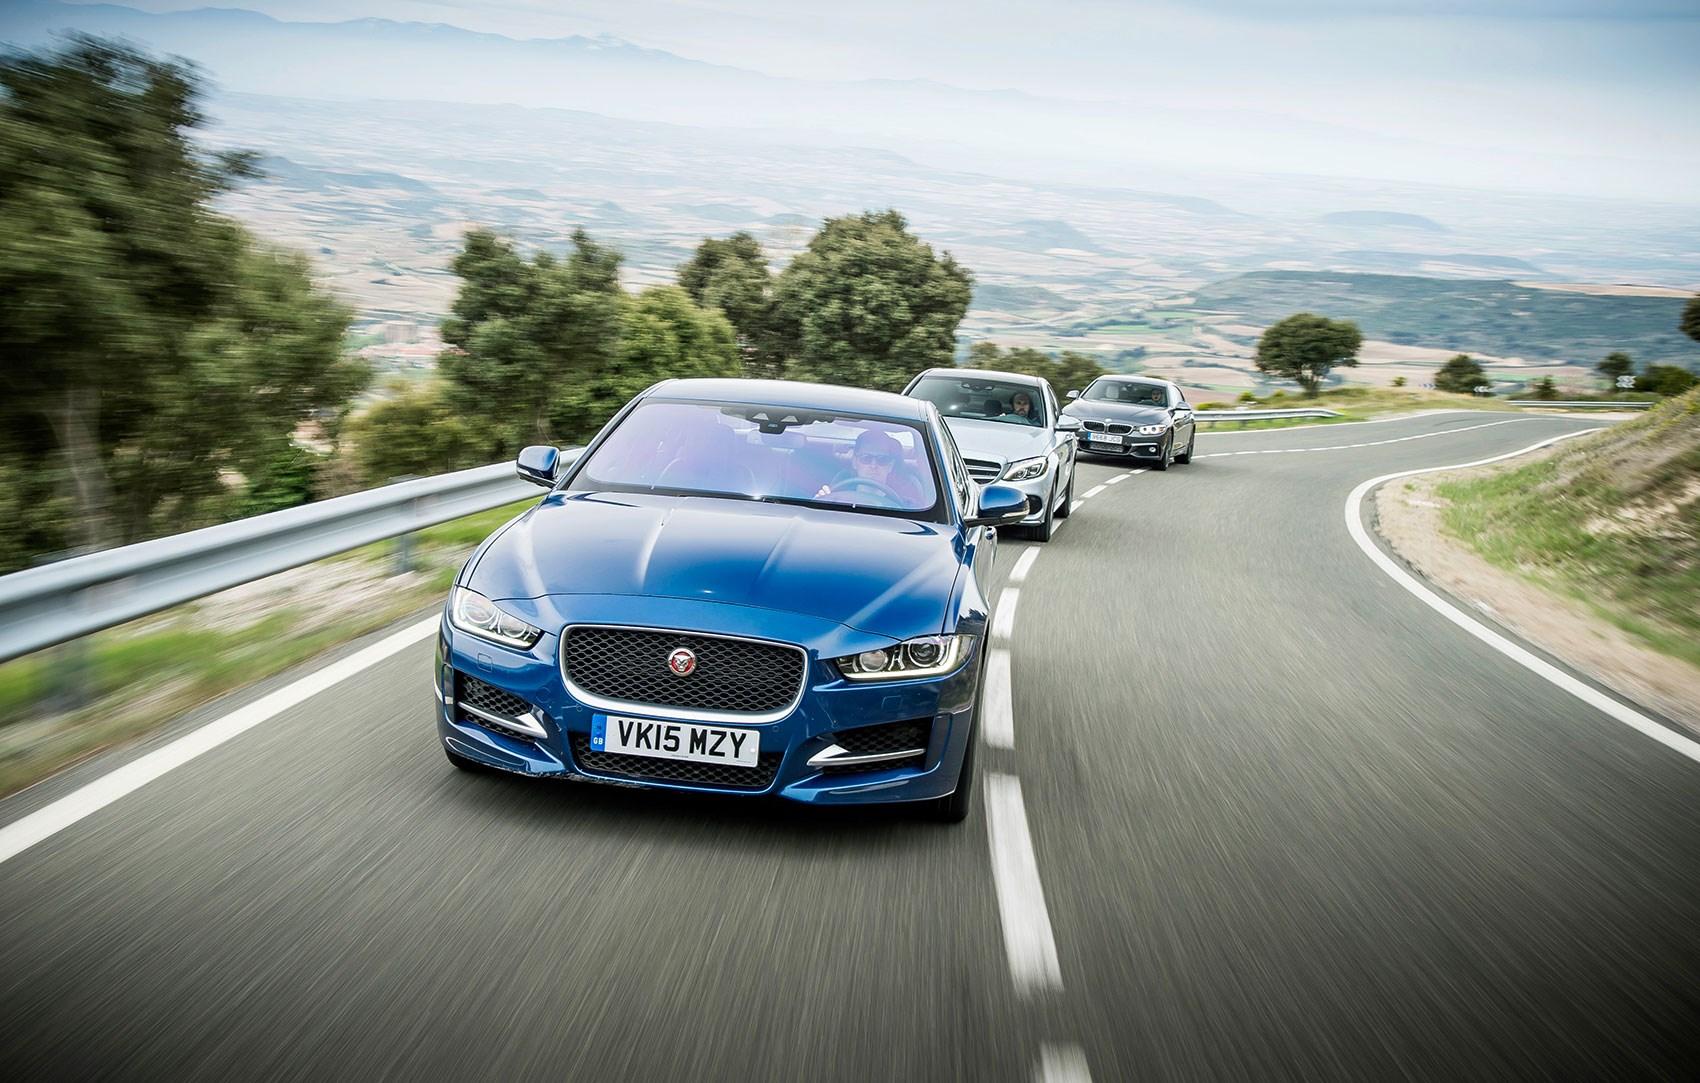 Jaguar Xe Vs Bmw 4 Series Vs Mercedes C Class Triple Test